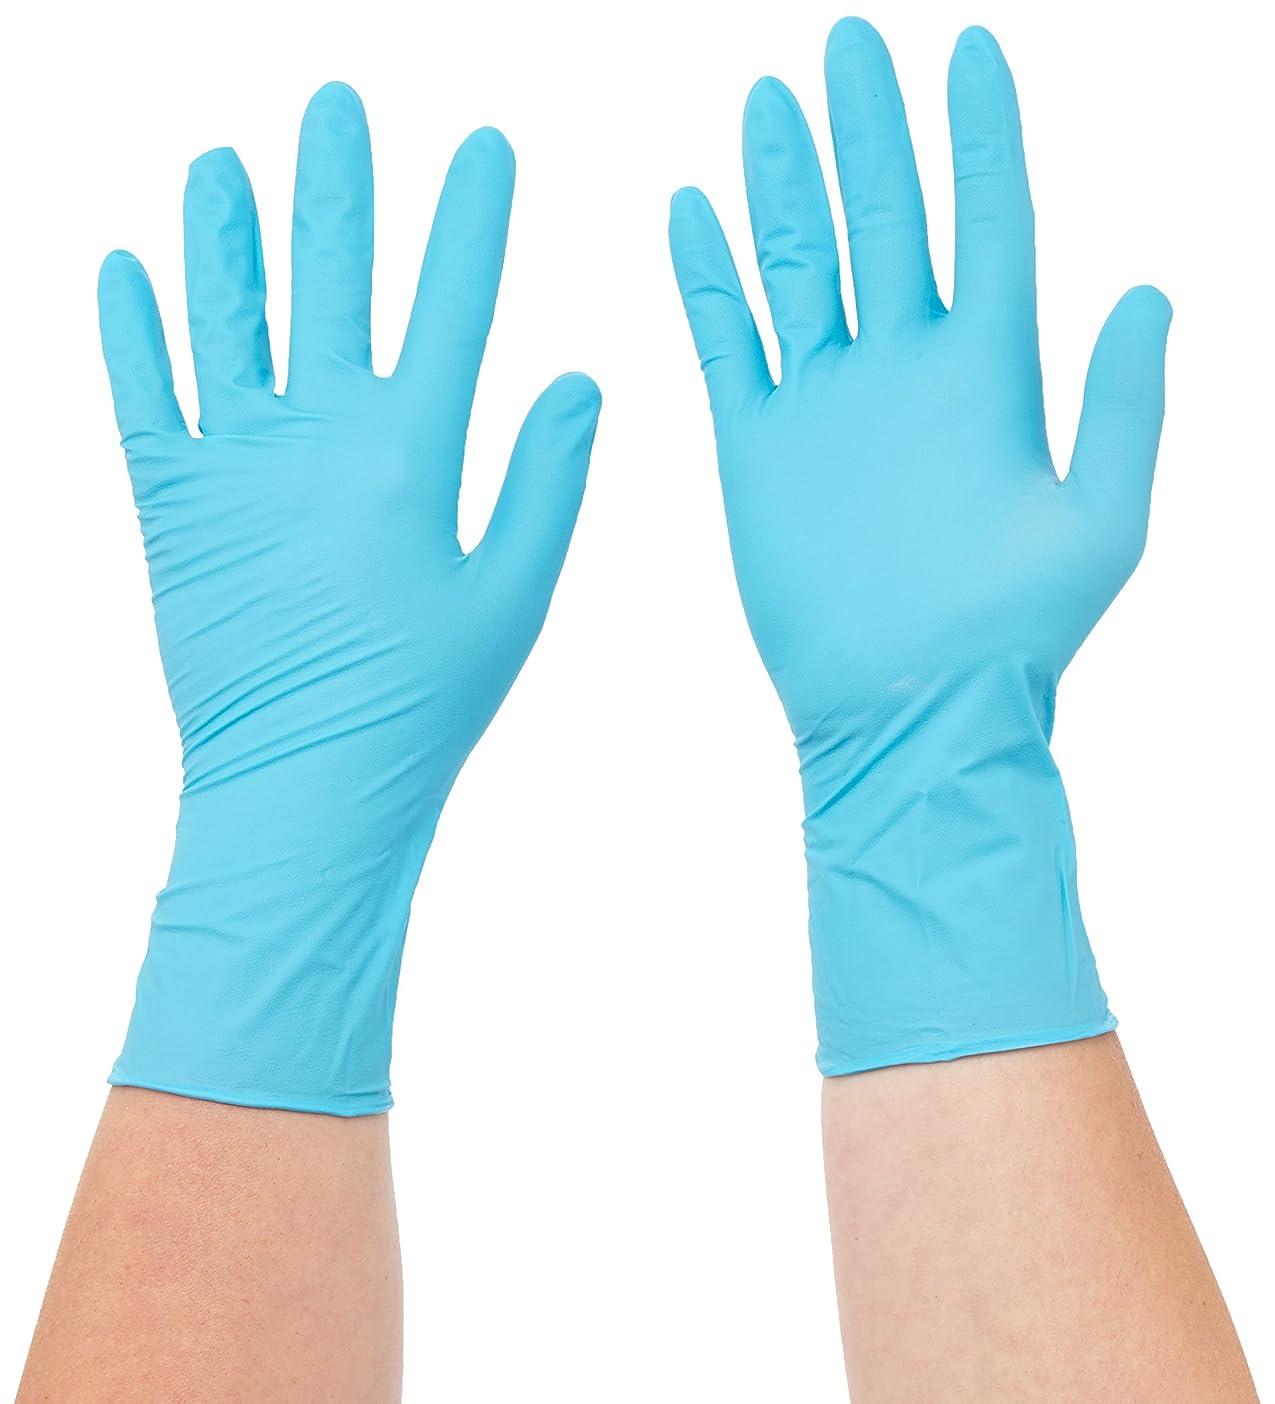 風が強いエンジンマリナーSemperit 使い捨てニトリル手袋 Xpert 0.24mm 粉無 緑青 S(入数:100枚) 3000001627